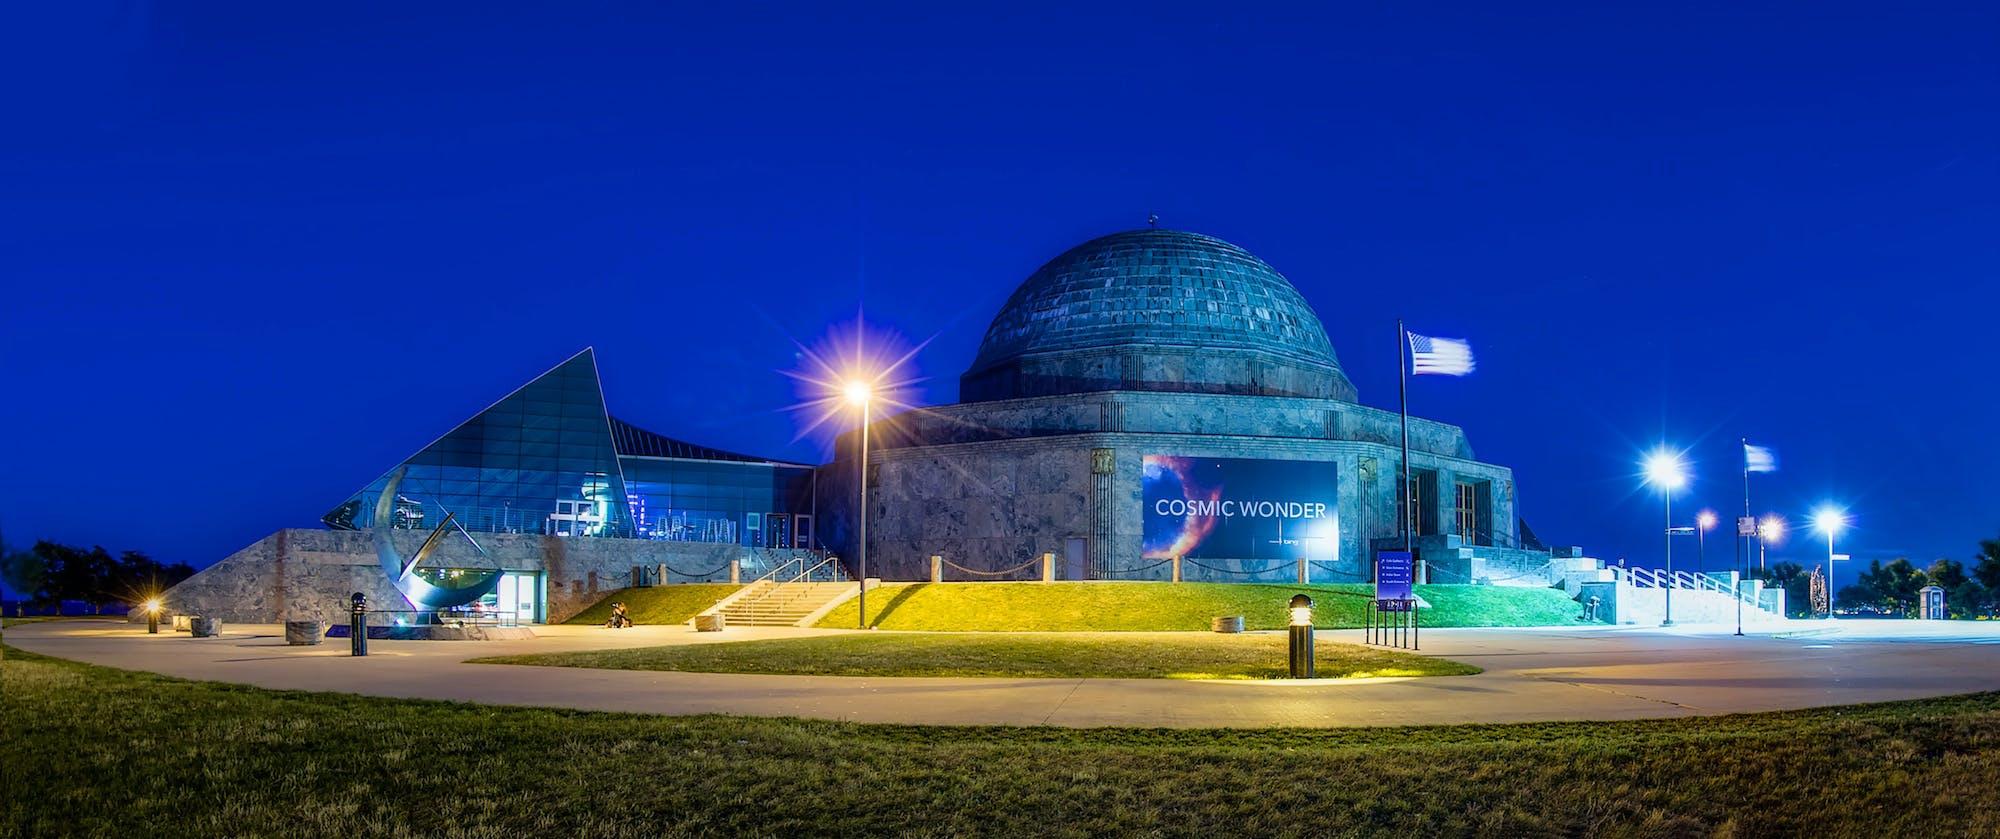 adler planetarium chicago date night ideas